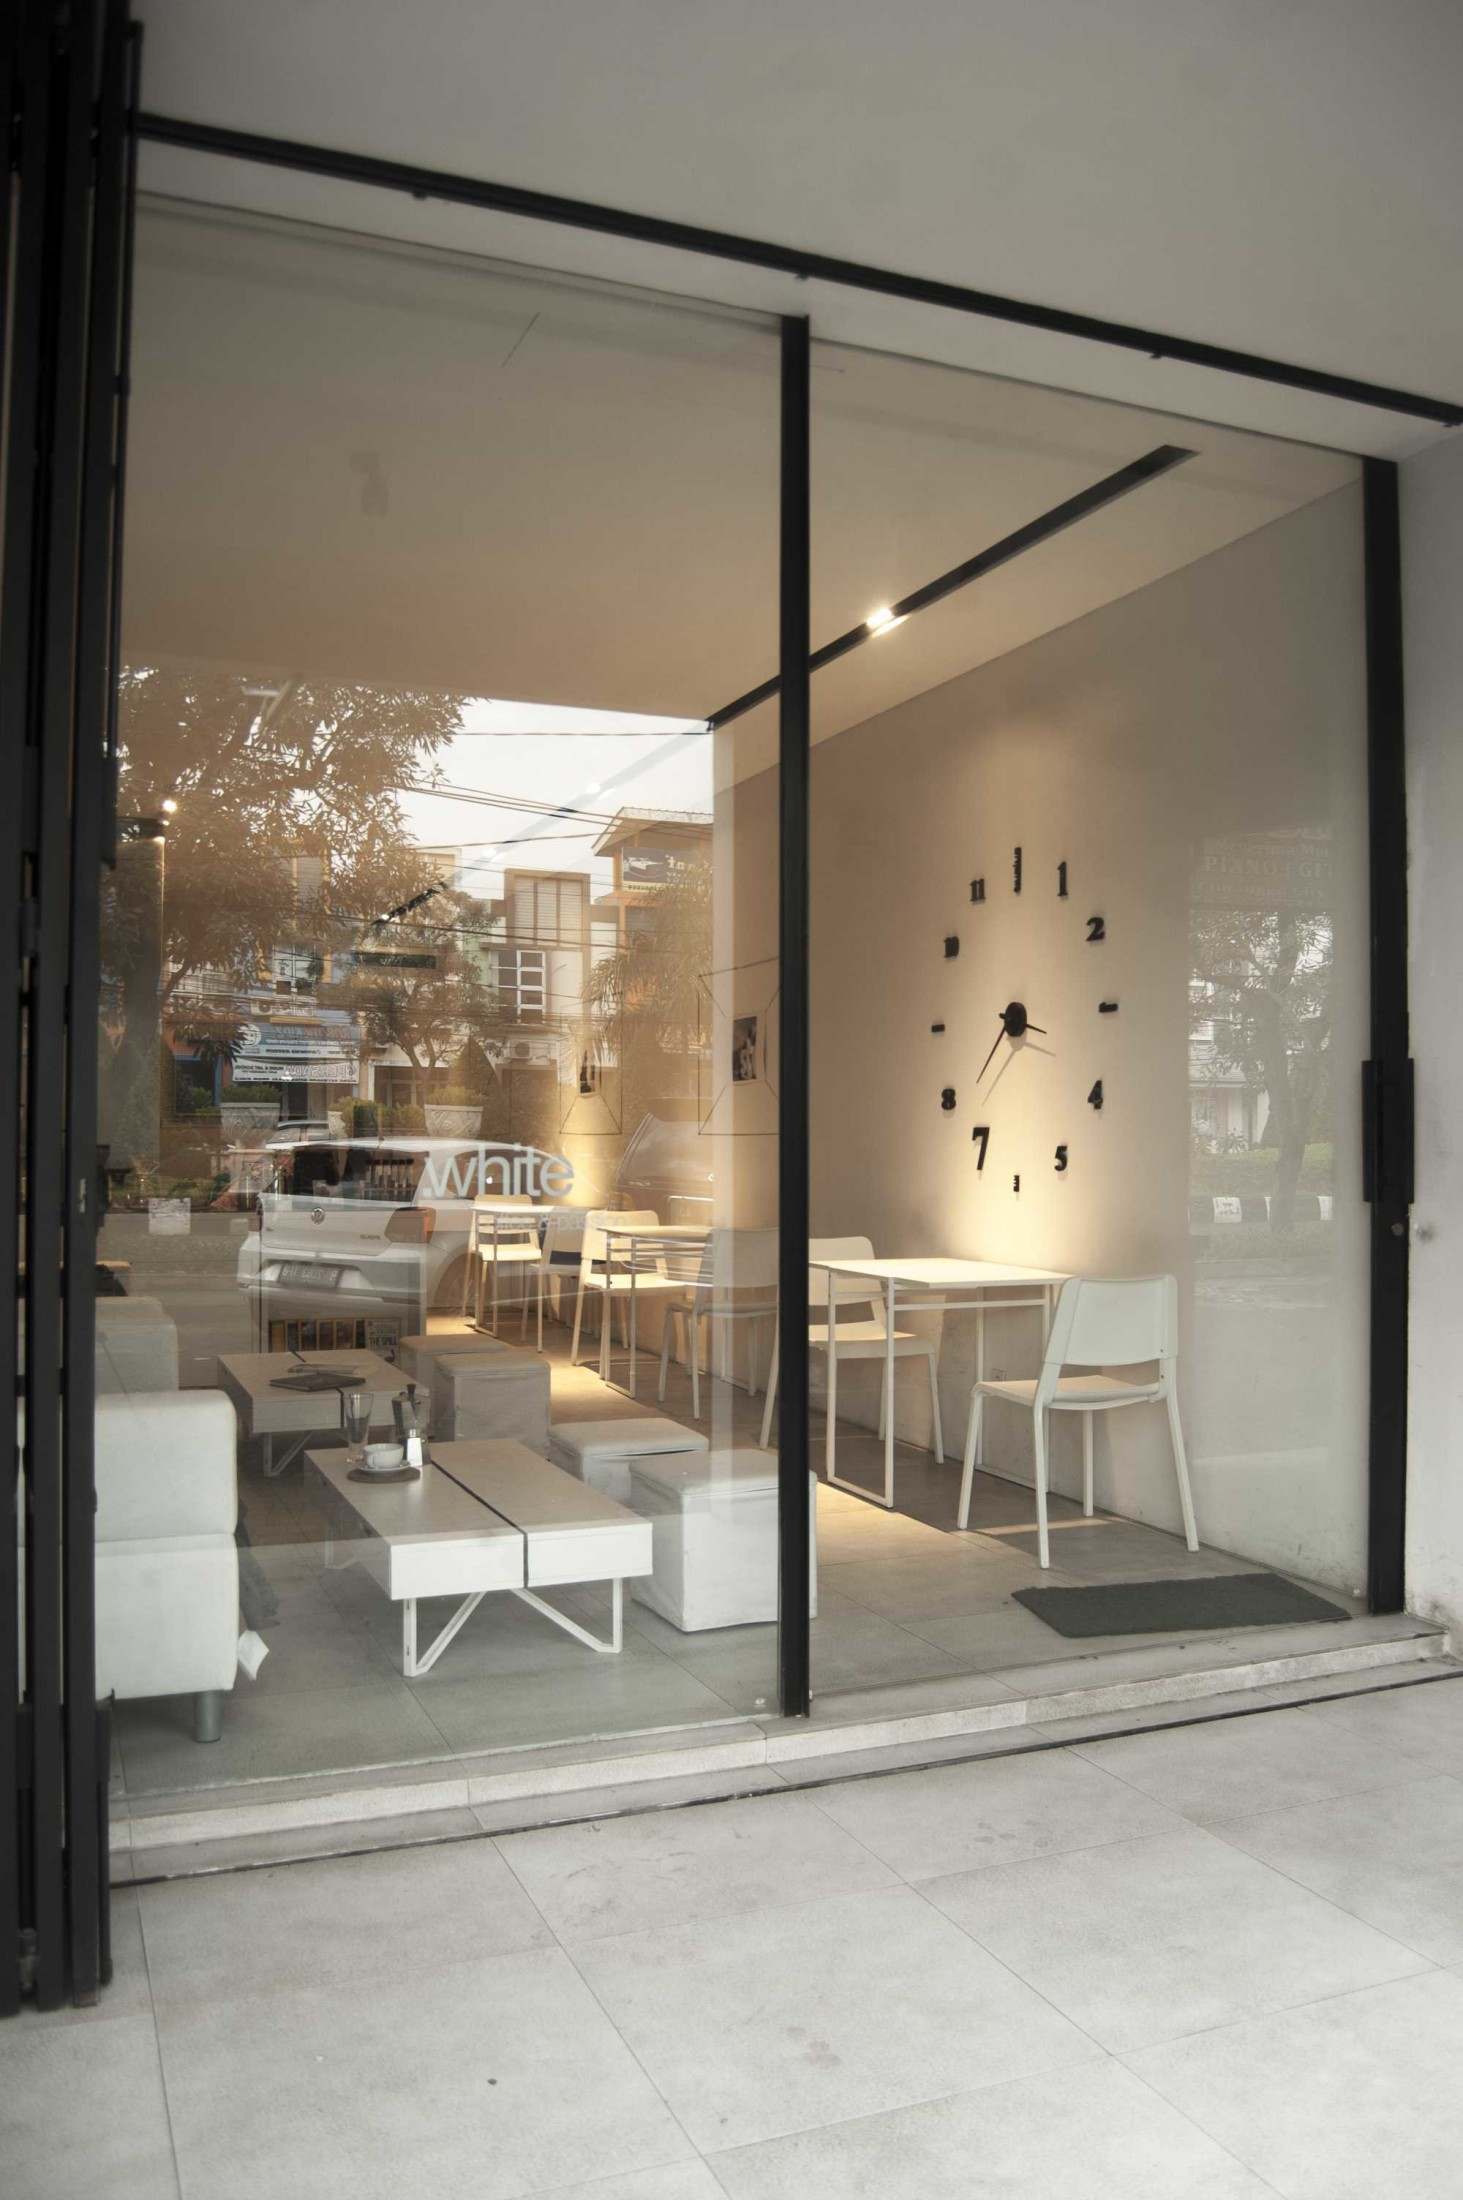 Seperti namanya, café ini memang mengandalkan warna putih yang dominan untuk memberikan kenyamanan kepada para pengunjungnya. Desain minimalis ini akan menemani kunjungan Anda sembari menikmati aneka sajian makanan Italia dan beragam pilihan minuman.